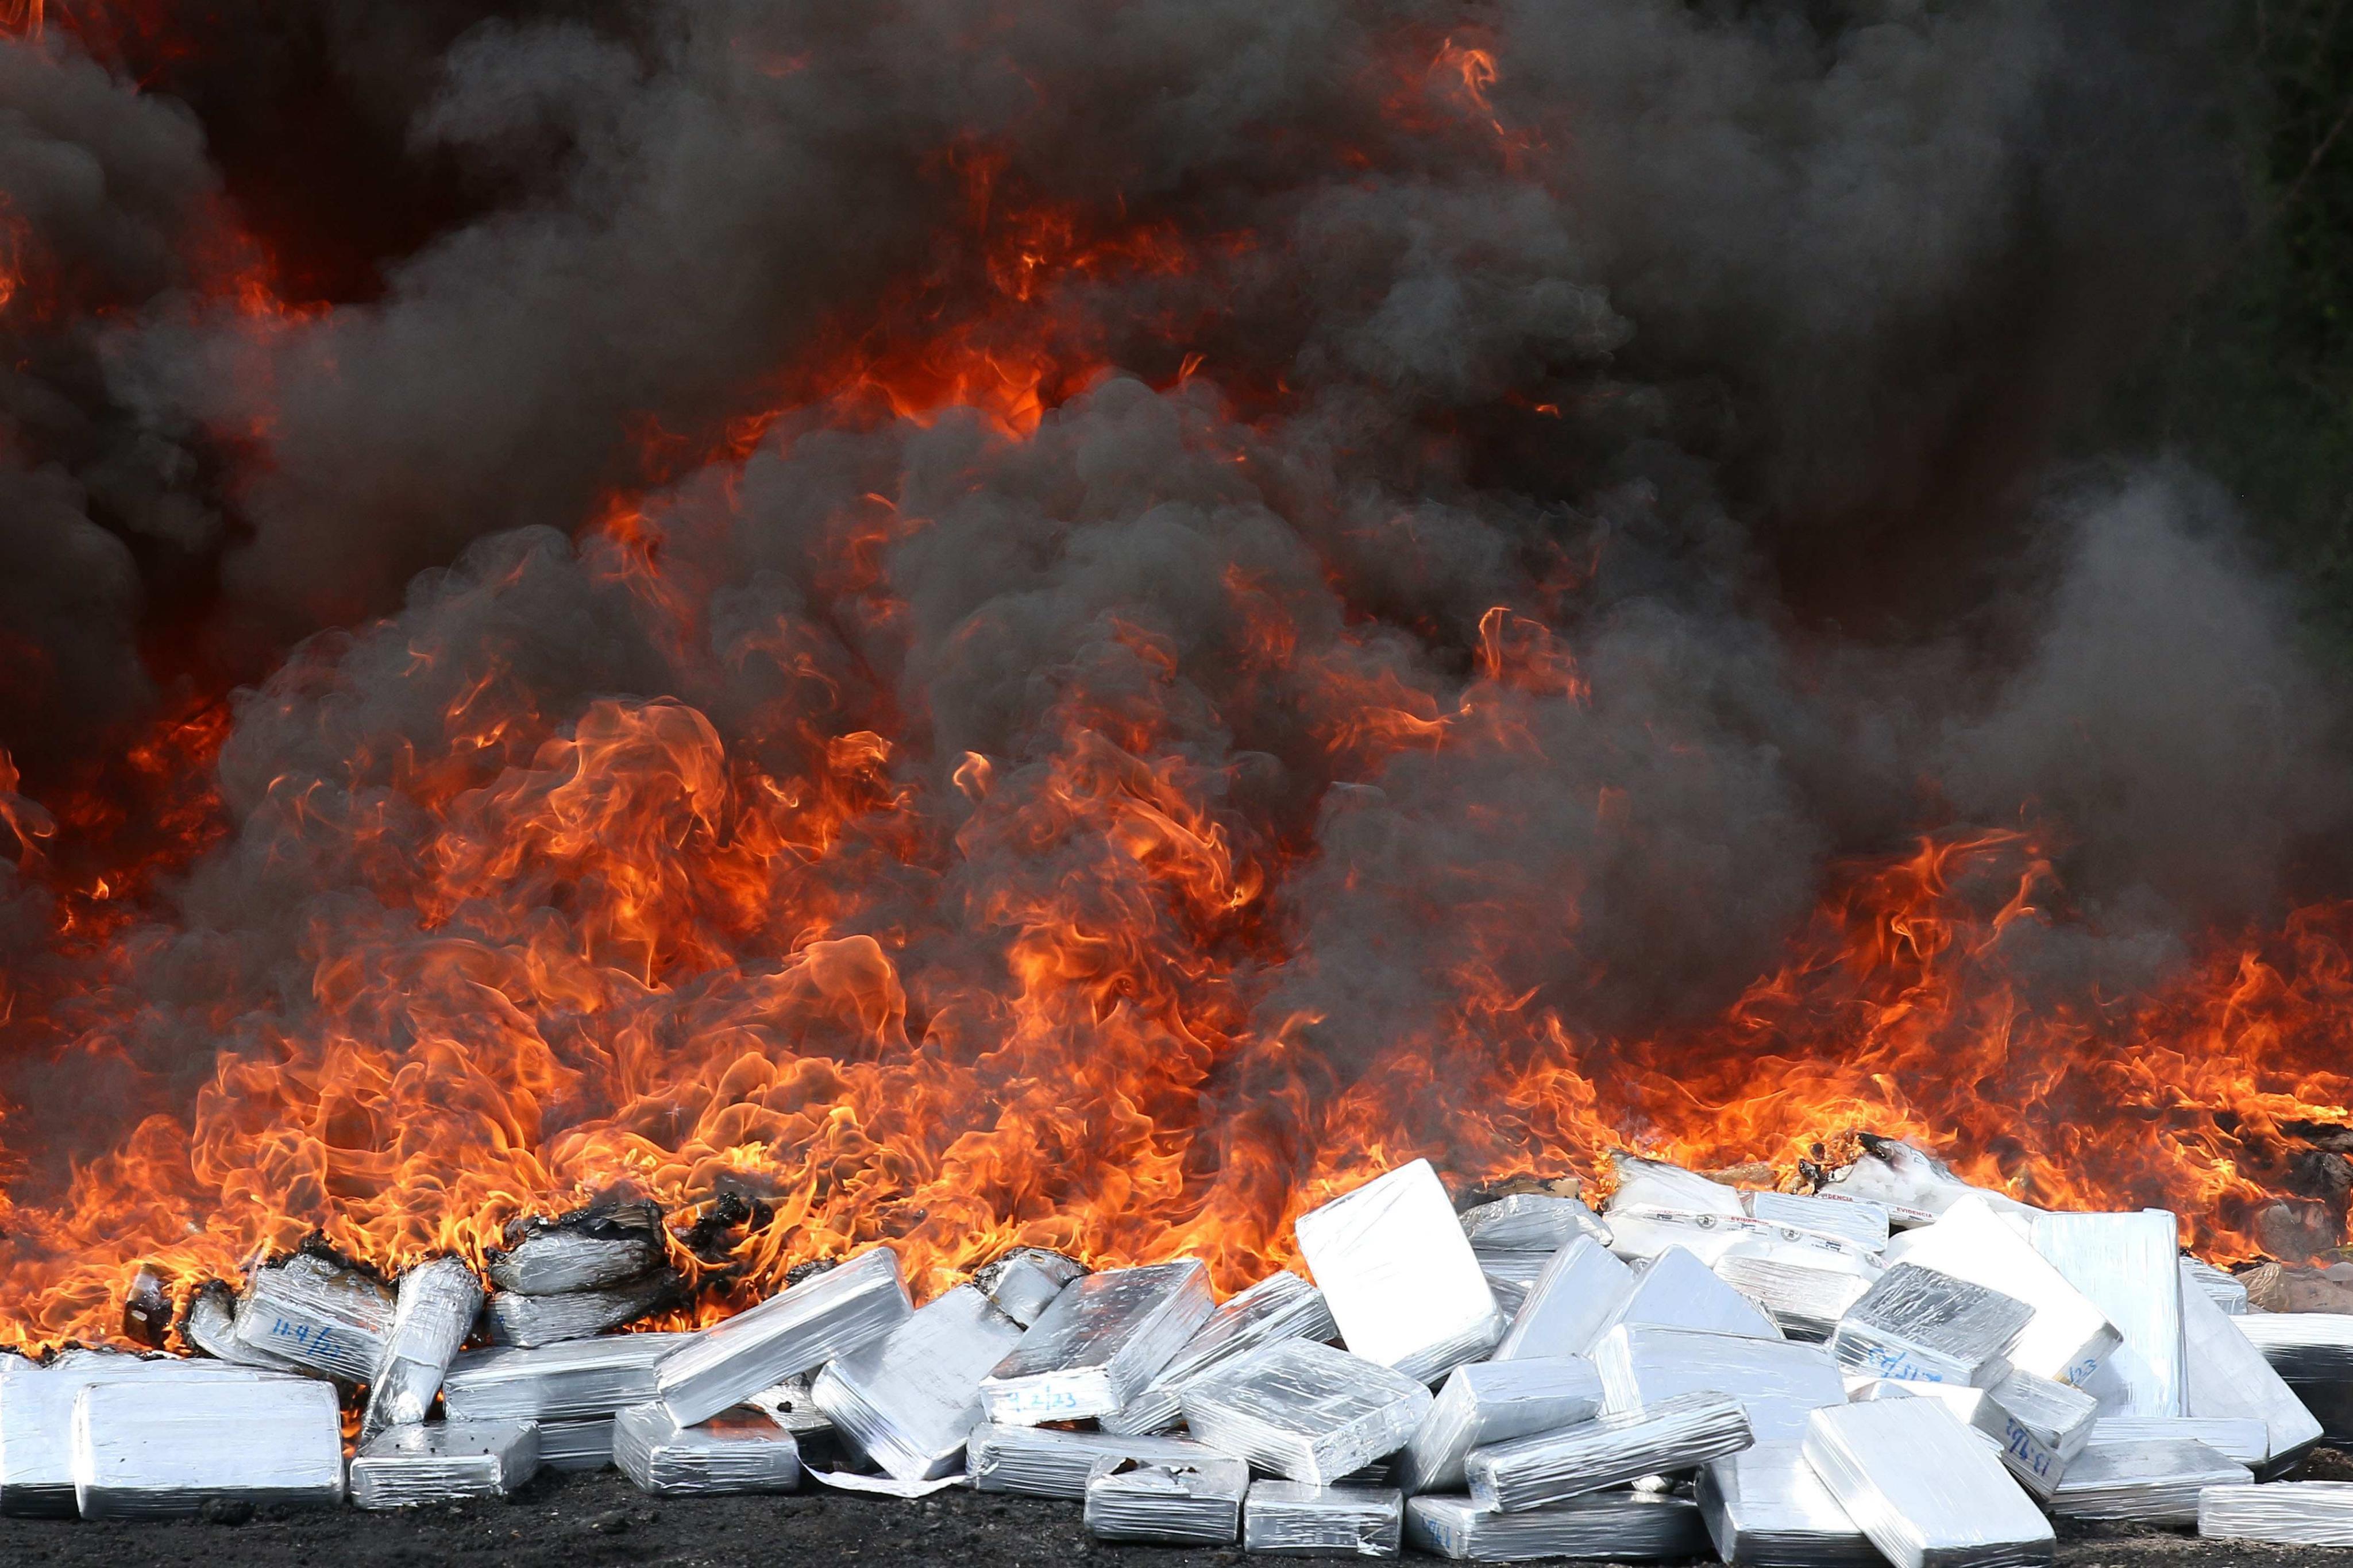 Les autoritats d'El Salvador destrueixen 1,8 tones de cocaïna i 32 quilos de marihuana. /RODRIGO SURA